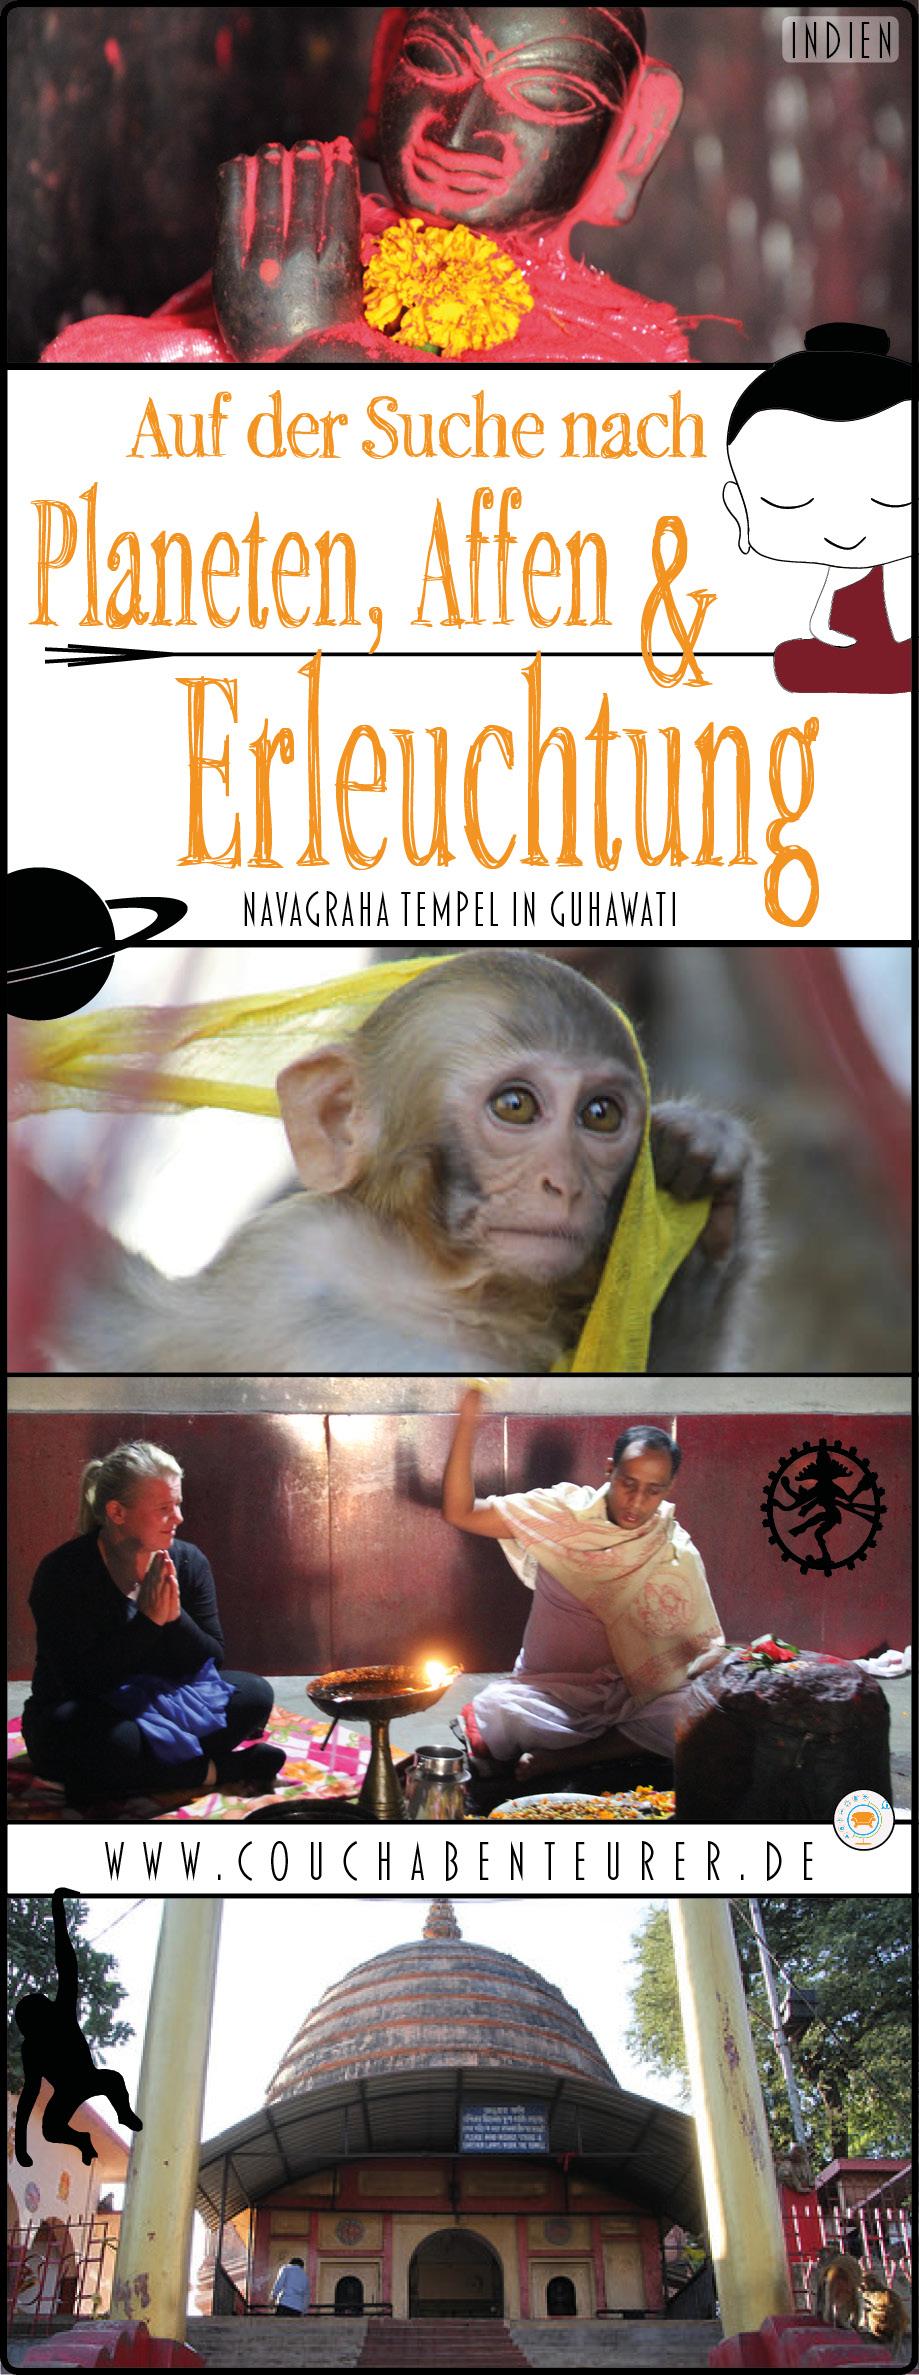 Navagraha-Tempel-Guhawat-Planeten-Affen-Erleuchtung